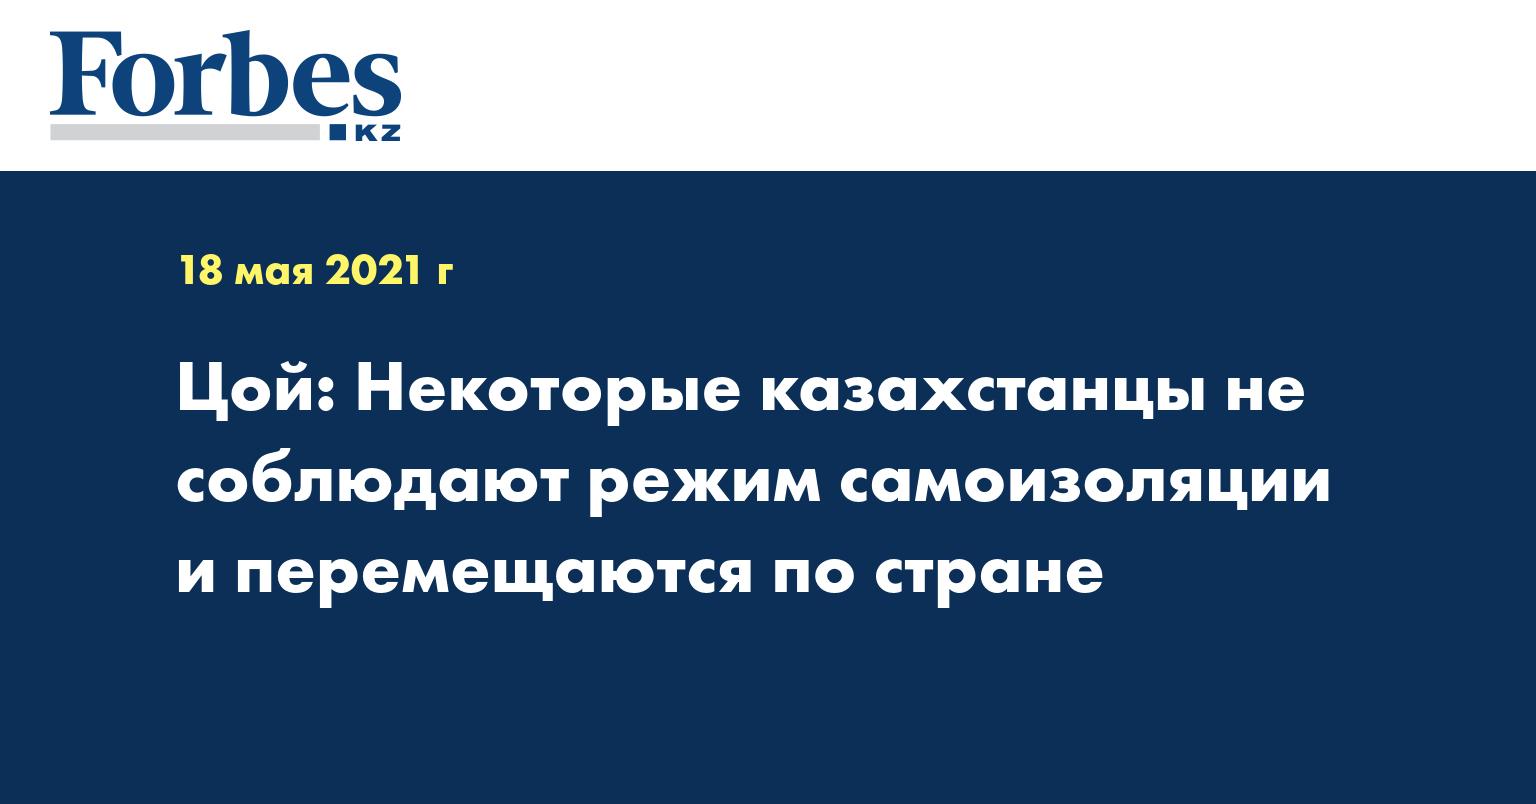 Цой: Некоторые казахстанцы не соблюдают режим самоизоляции и перемещаются по стране